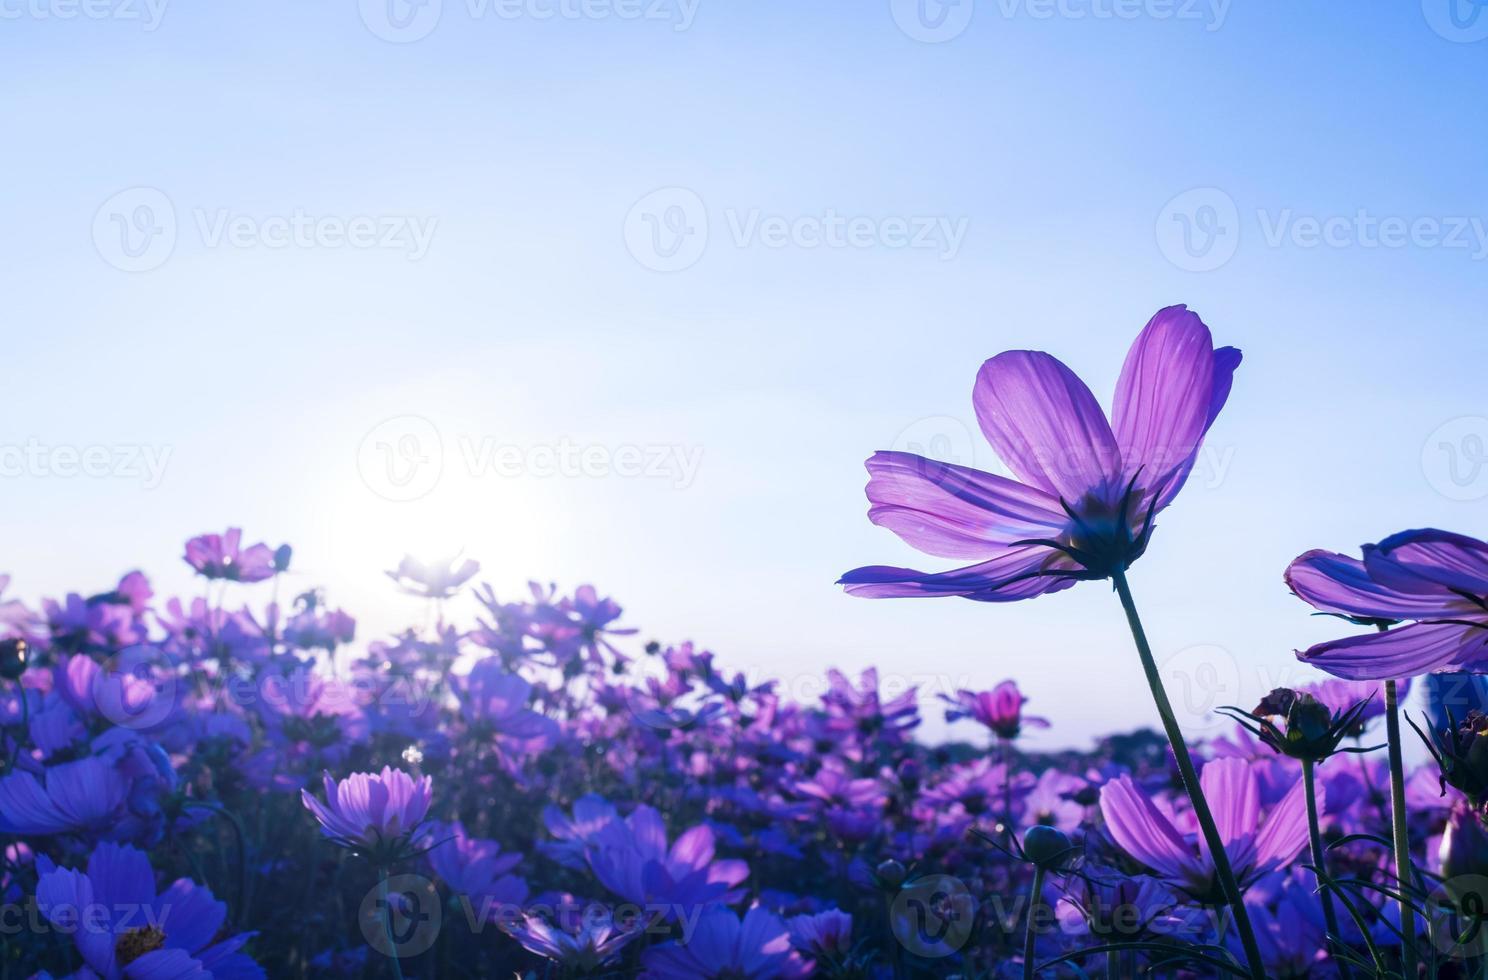 flores de cosmos púrpura en el jardín foto